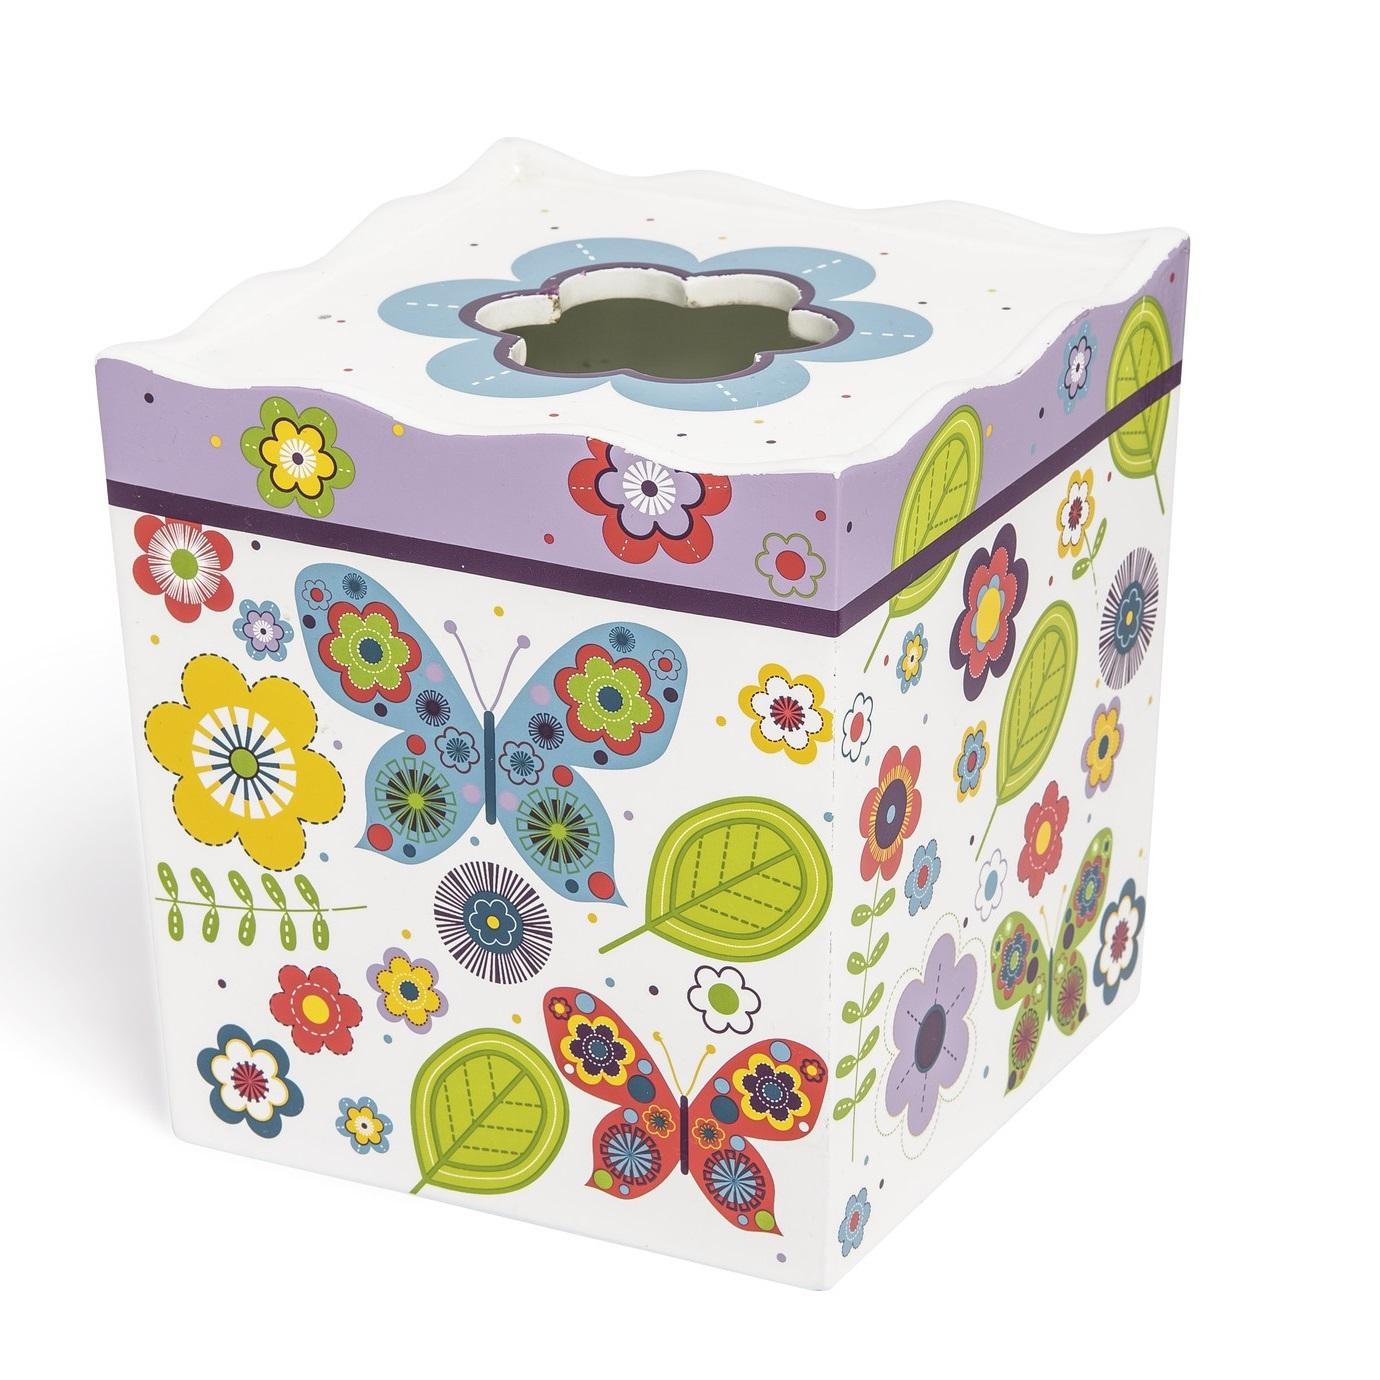 Для ванной Салфетница детская Kassatex Butterflies salfetnitsa-kassatex-butterflies-ssha-kitay.jpg